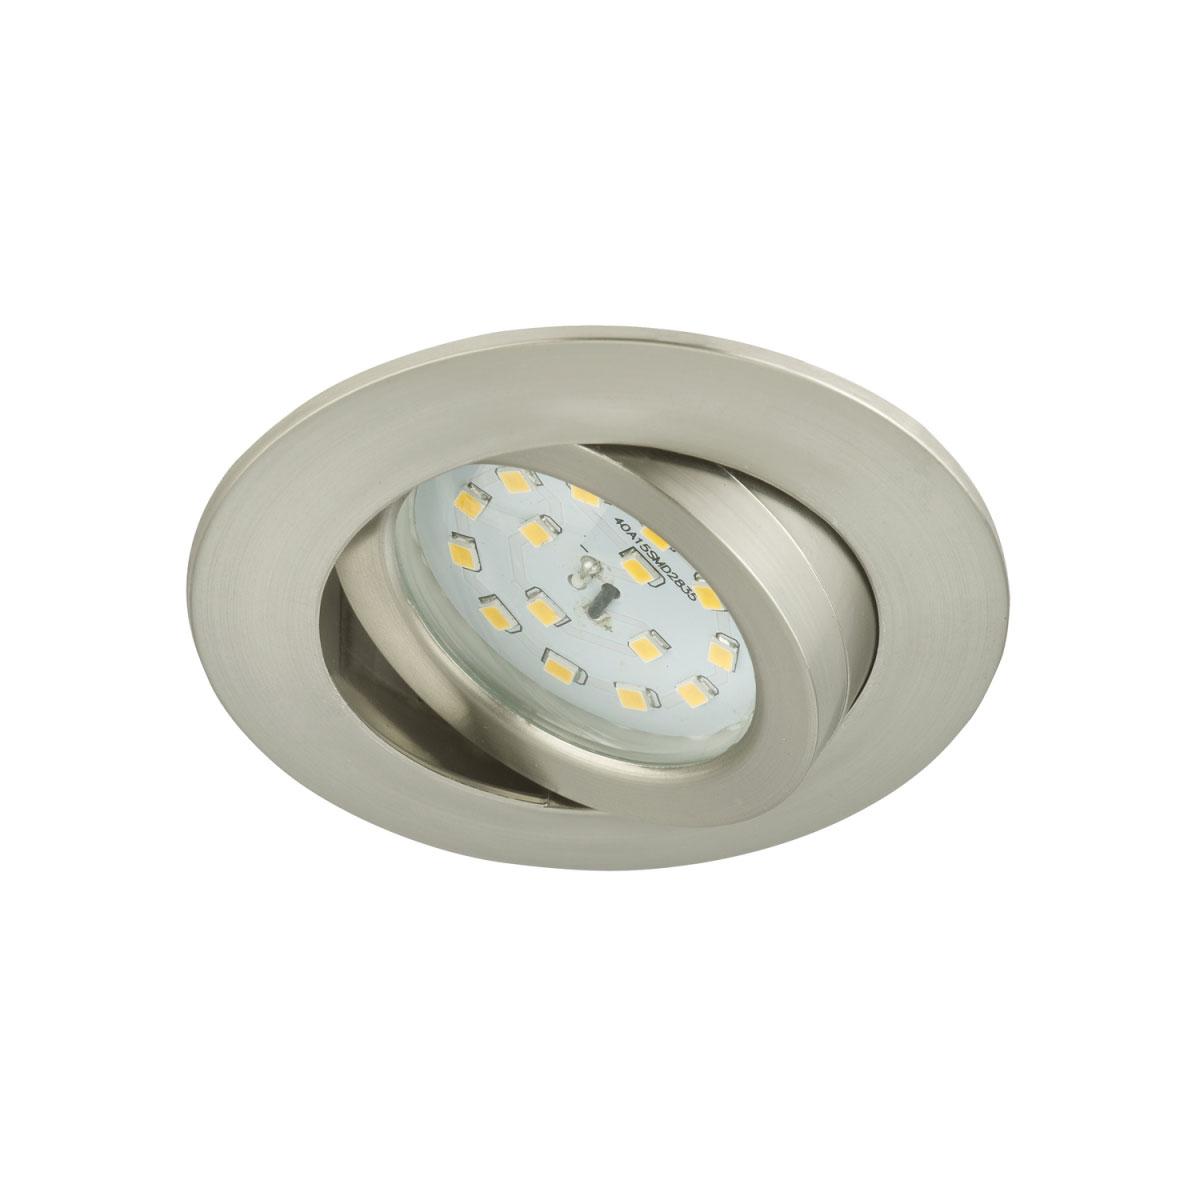 Deckenleuchten - LED Einbauleuchte, schwenkbar, matt nickel, rund  - Onlineshop Hellweg